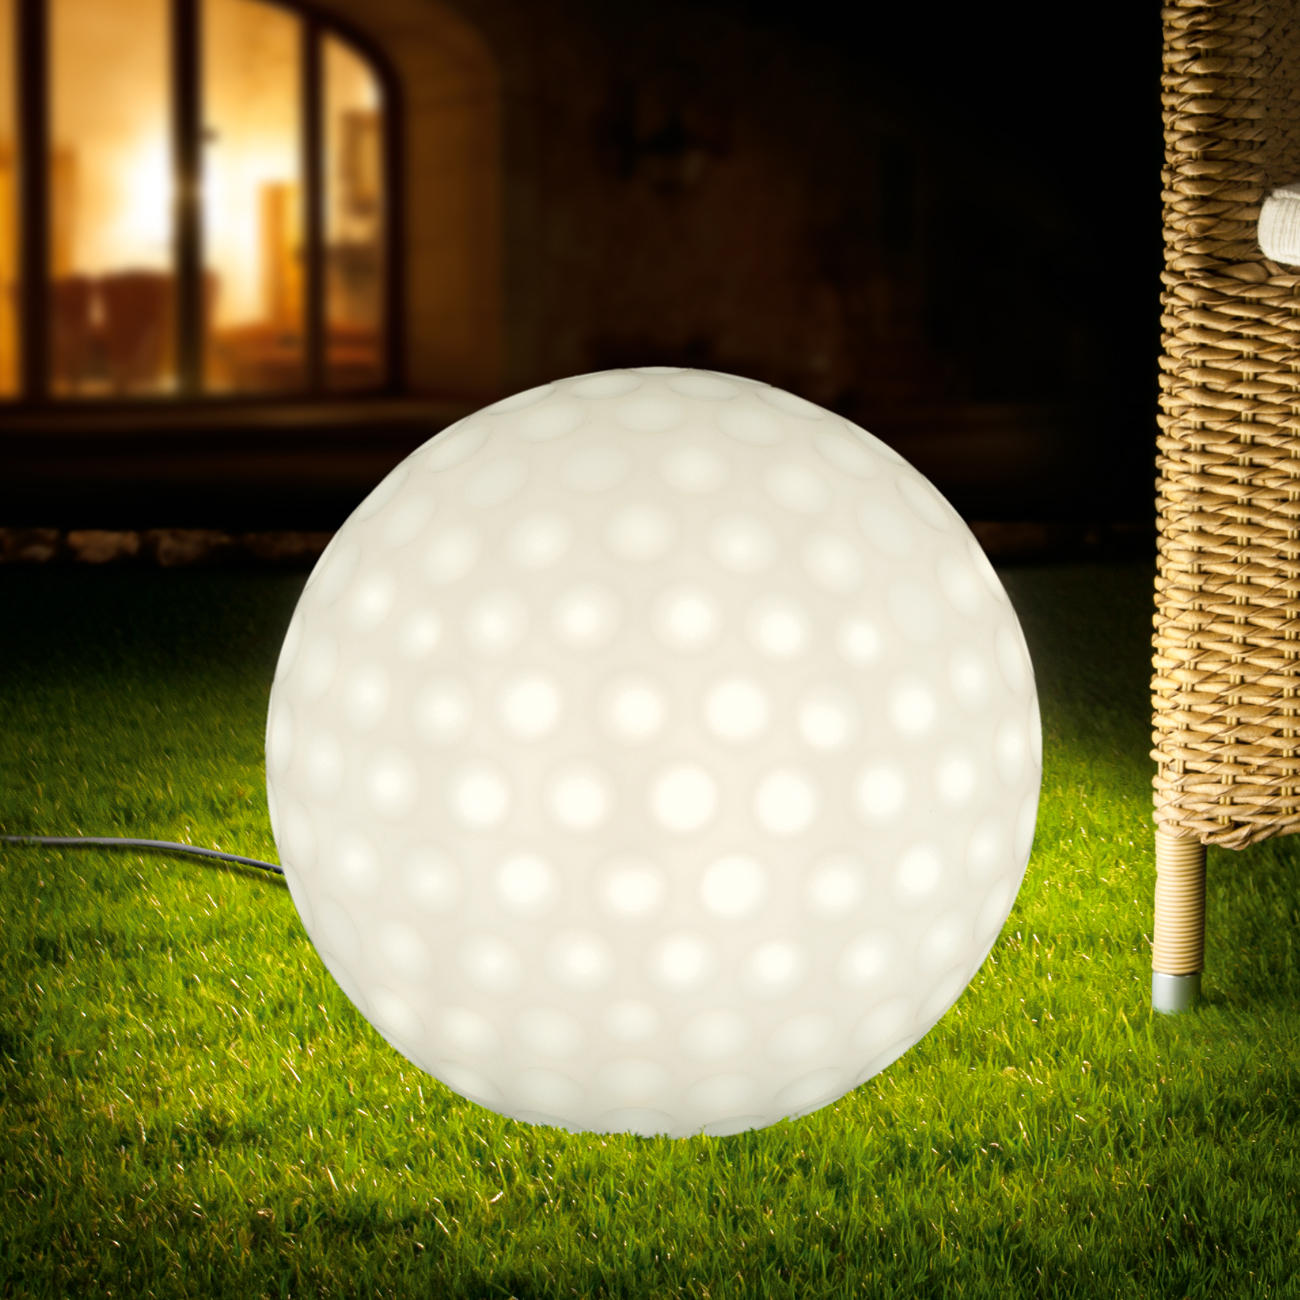 golfball leuchte 3 jahre garantie pro idee. Black Bedroom Furniture Sets. Home Design Ideas